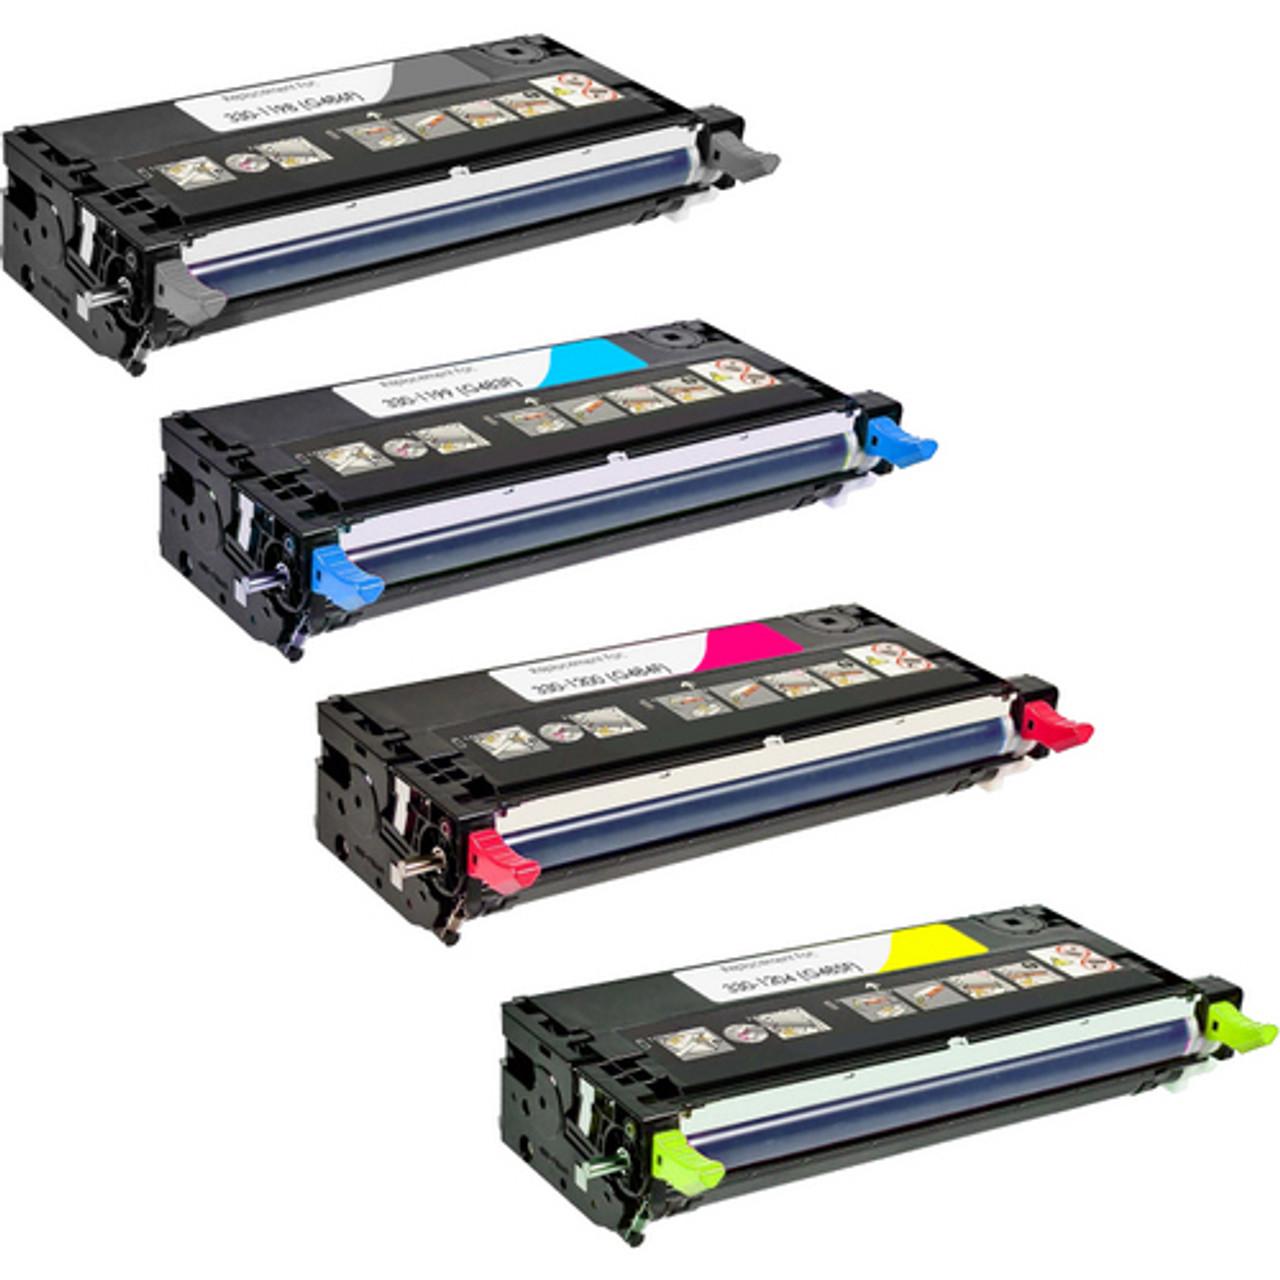 Dell 3130cn Compatible Toner Cartridges Set of 4